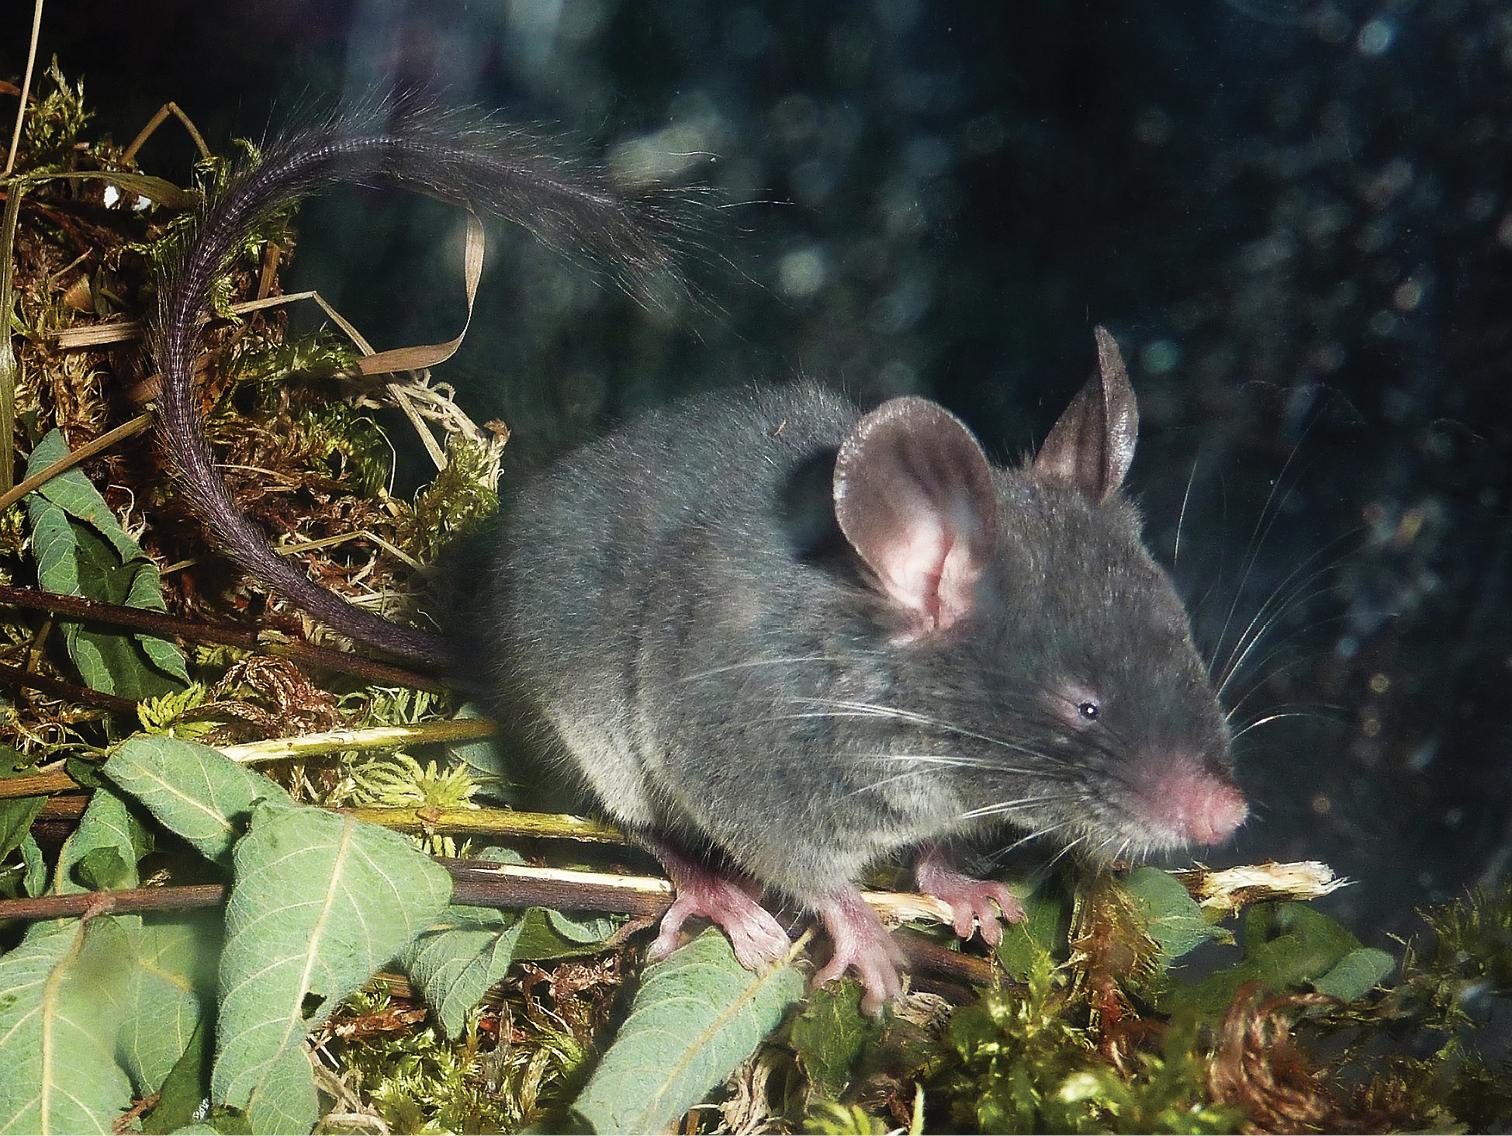 Este rato utiliza Ecolocalização e é basicamente um morcego sem asas